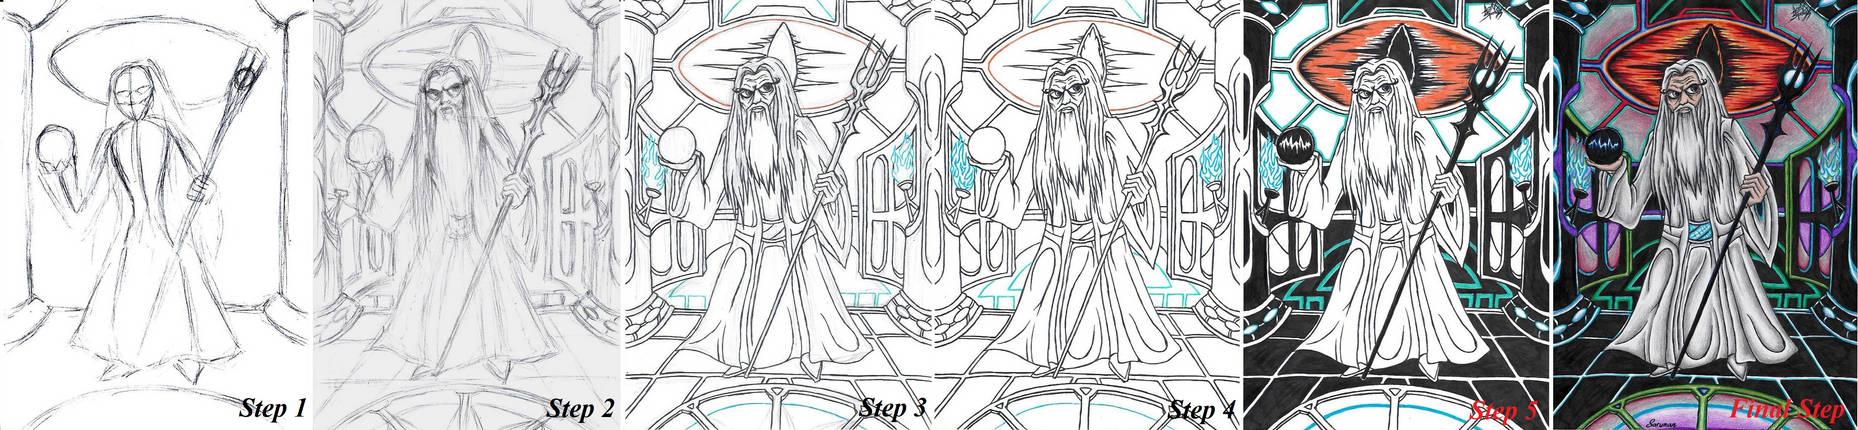 .:Art-Tutorial:. How Do I Draw LoTR Saruman